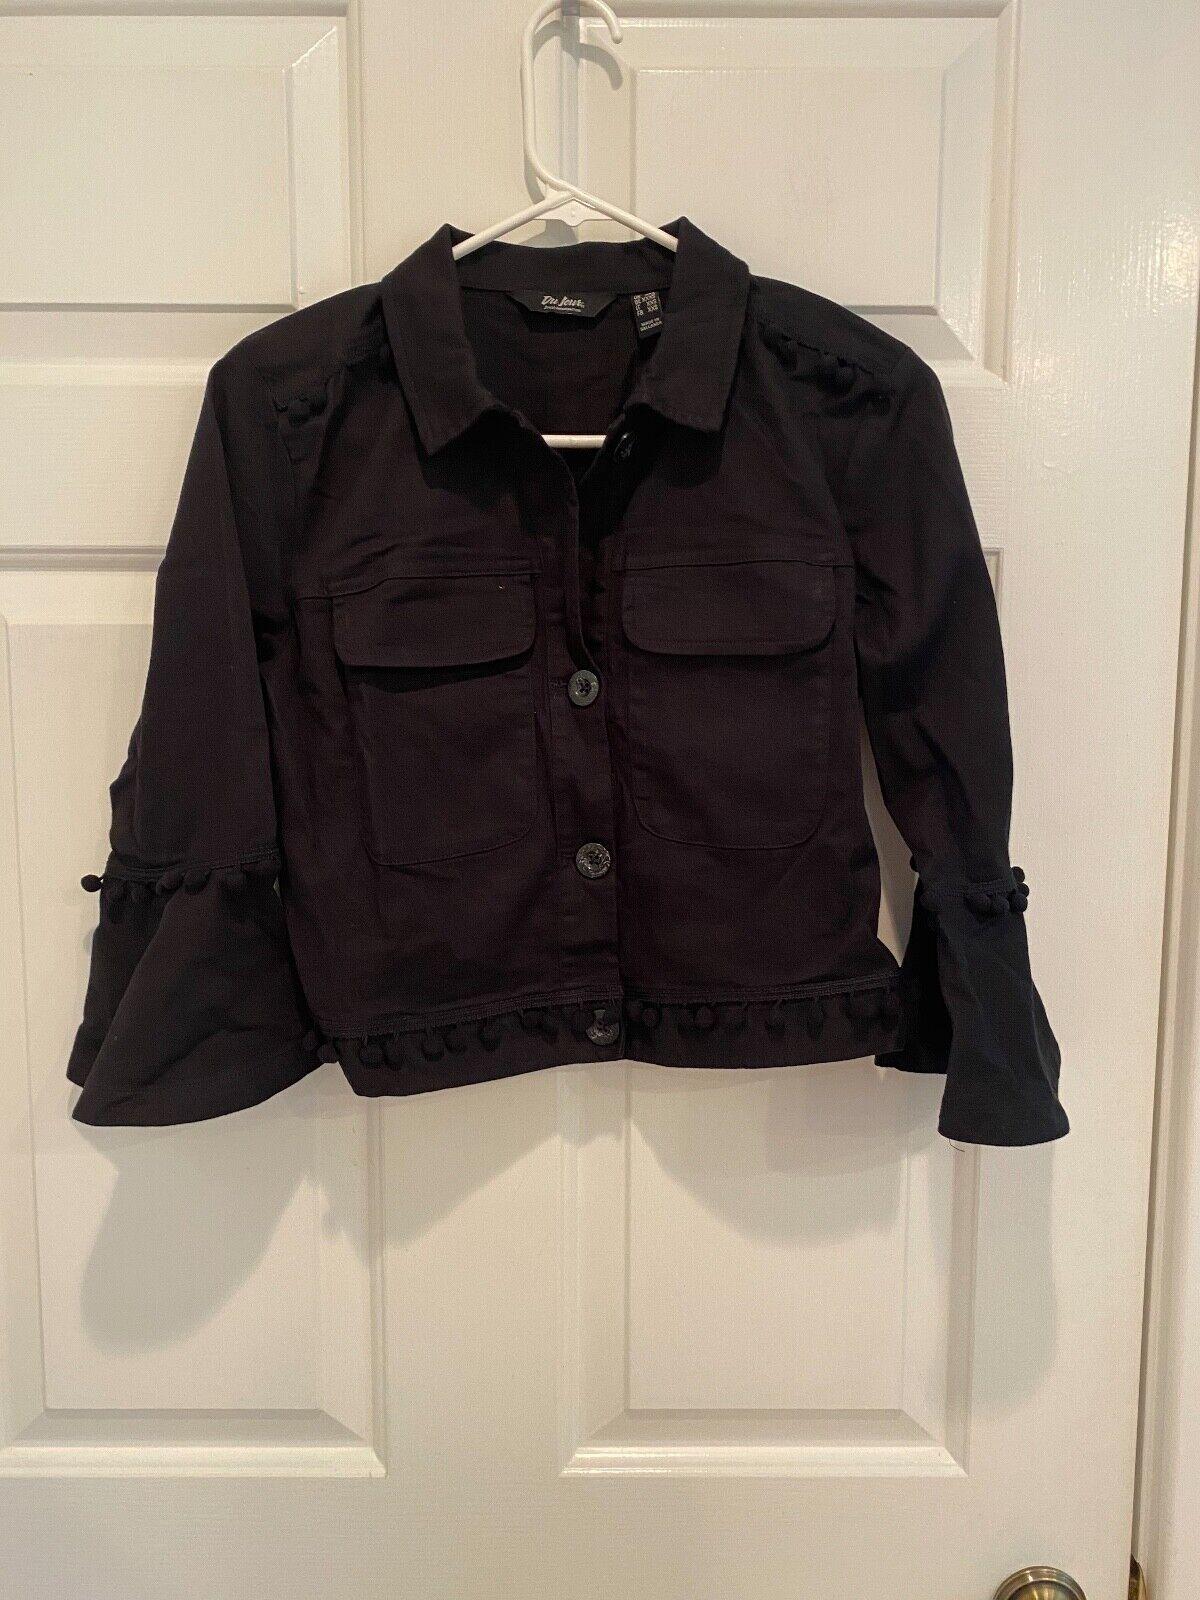 DU JOUR Cropped Twill Jacket w/ Pom Pom Trim BLACK size XXXS